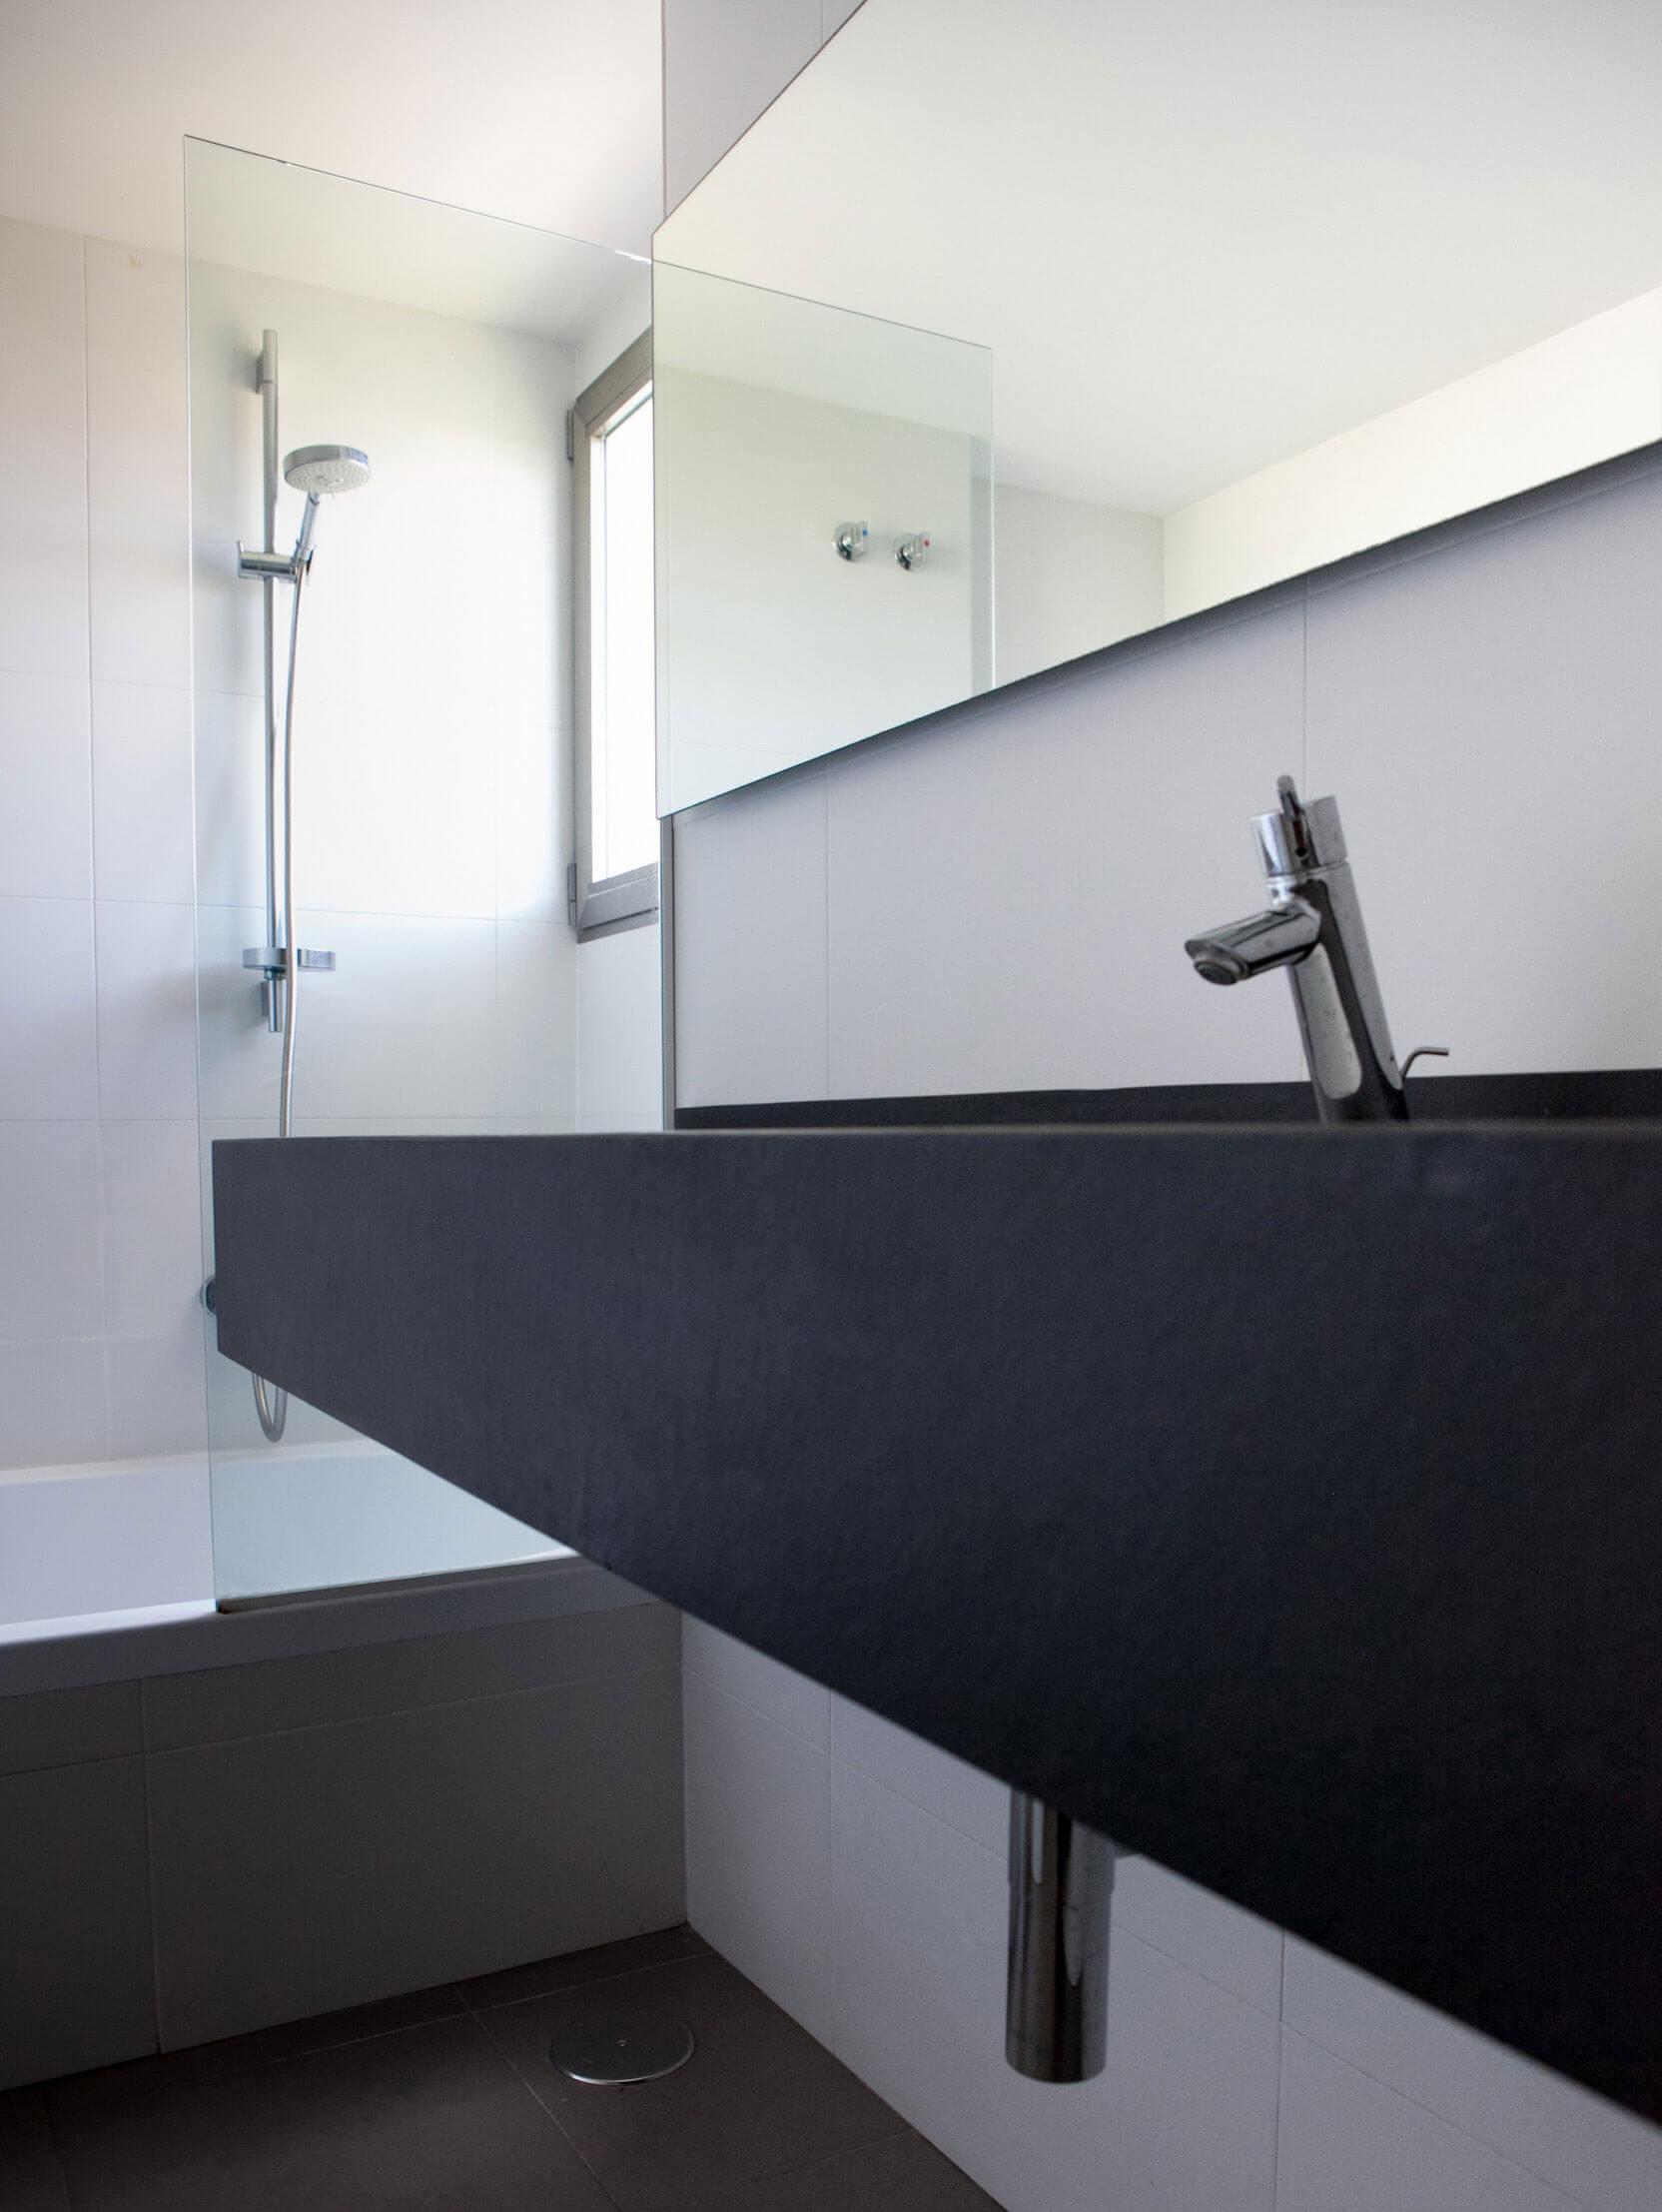 Vivienda unifamiliar de nueva construcción en Onil. Estudio de Arquitectura en la Costa Blanca.